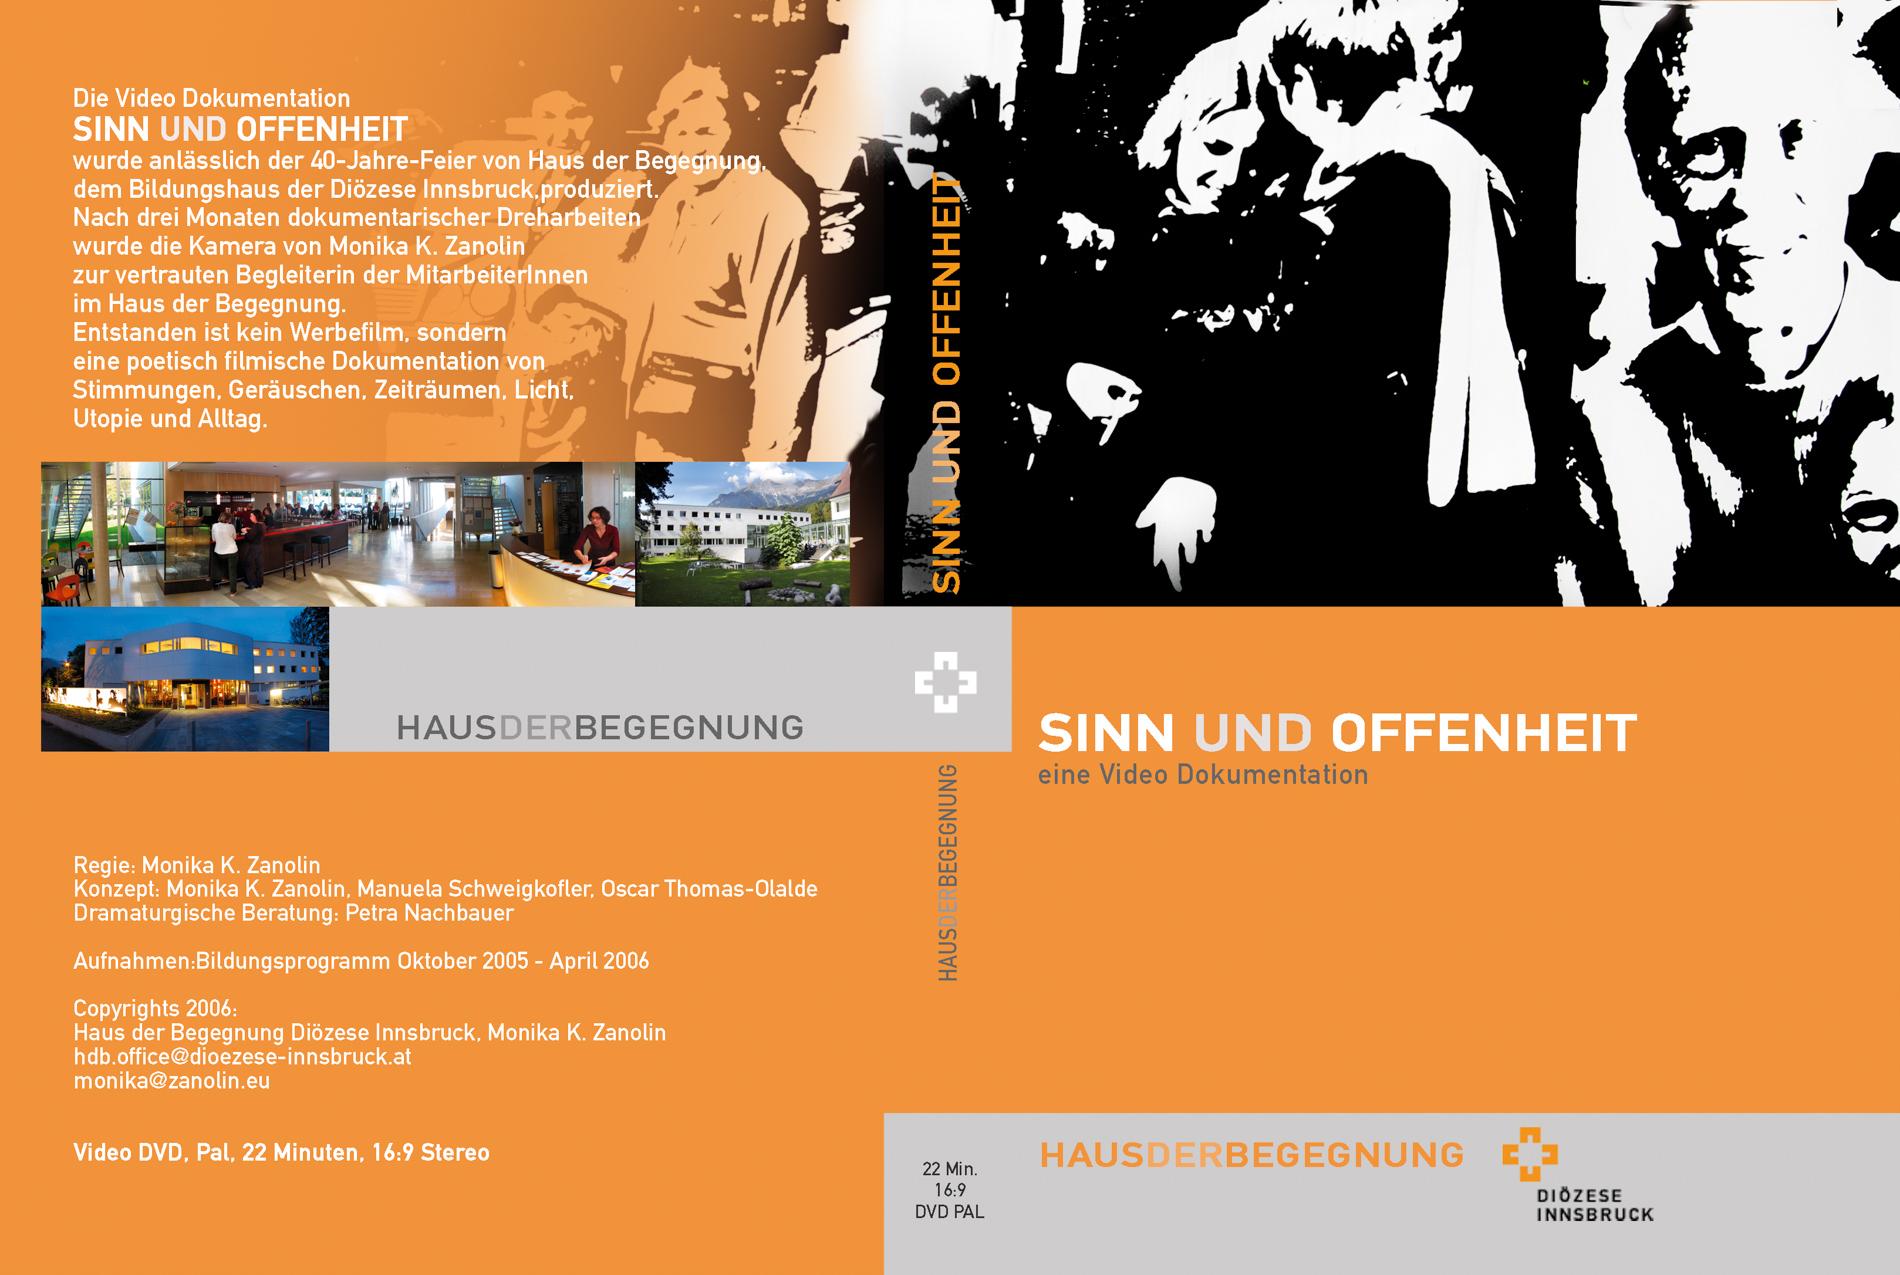 hdb_sinn und offenheit